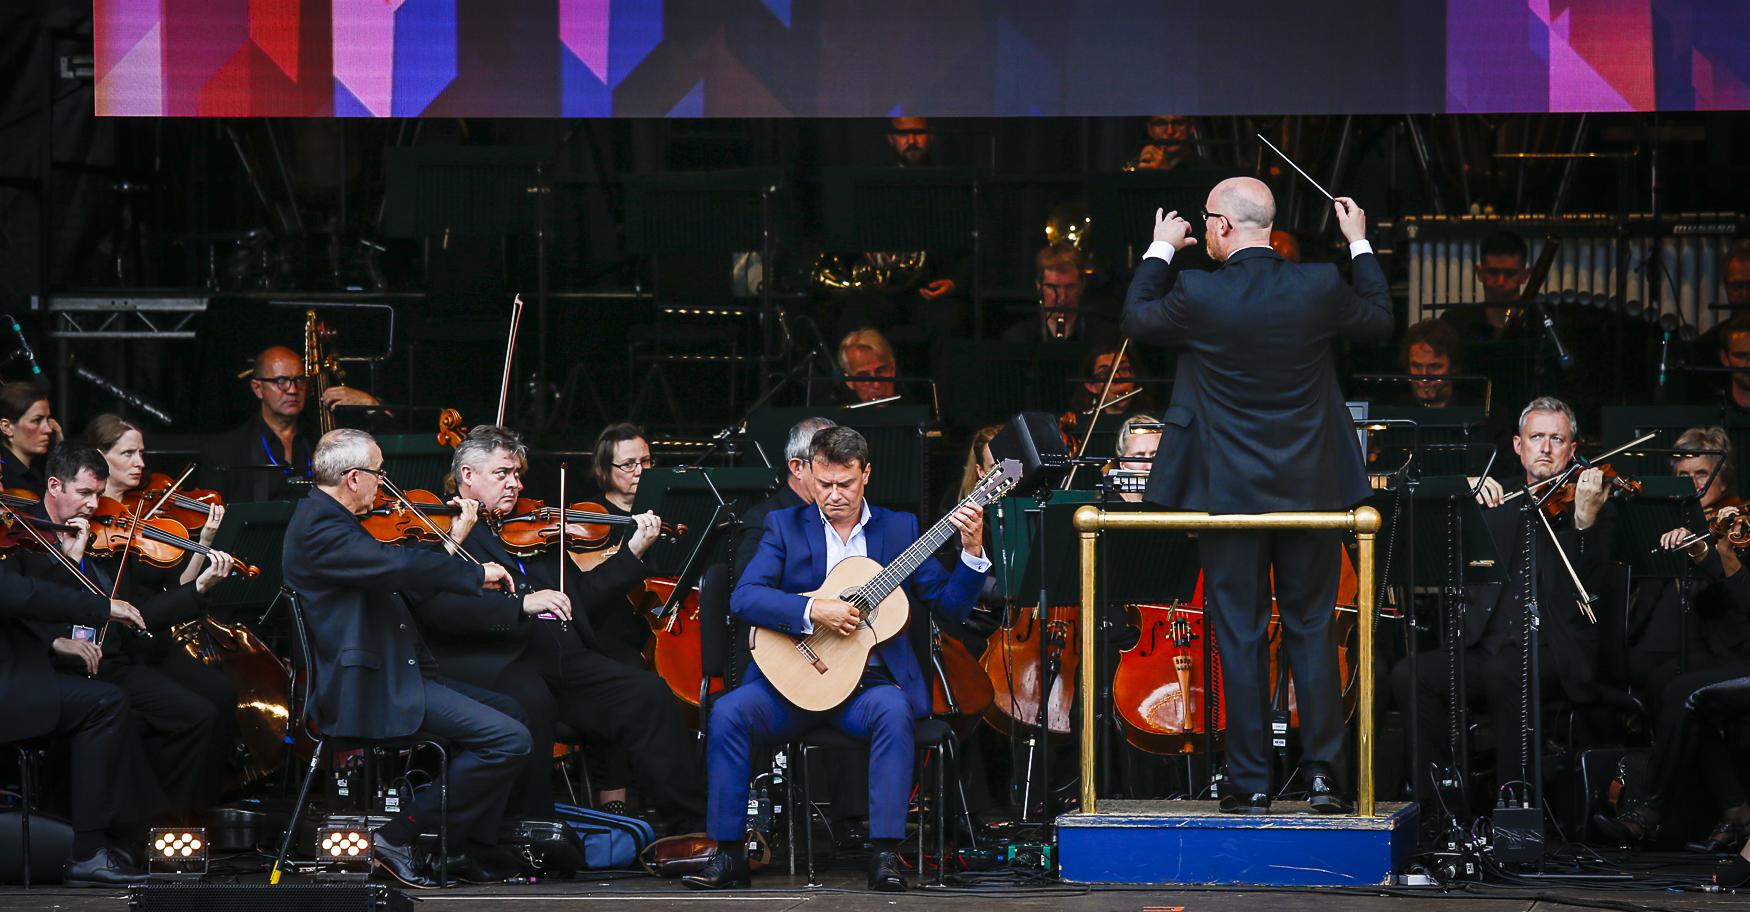 Orchestra of Opera North  •Millennium Square, Leeds